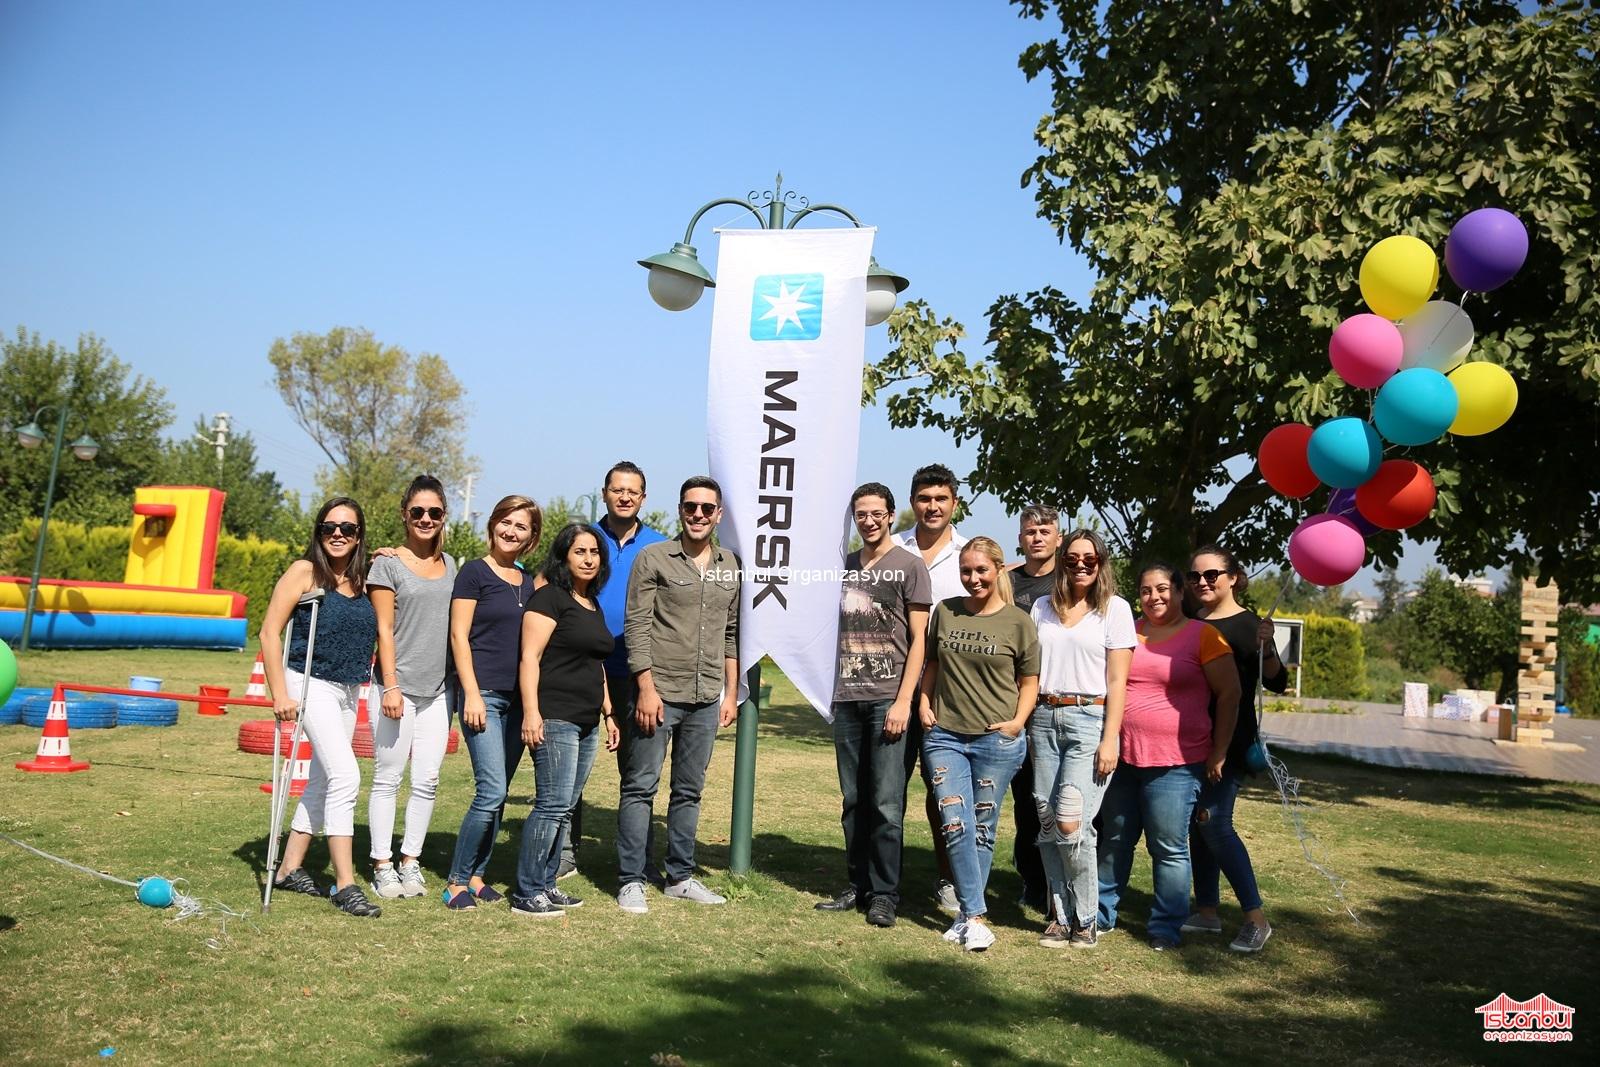 Şirket Piknik Organizasyonu Uçan Balon Servisi İstanbul Organizasyon